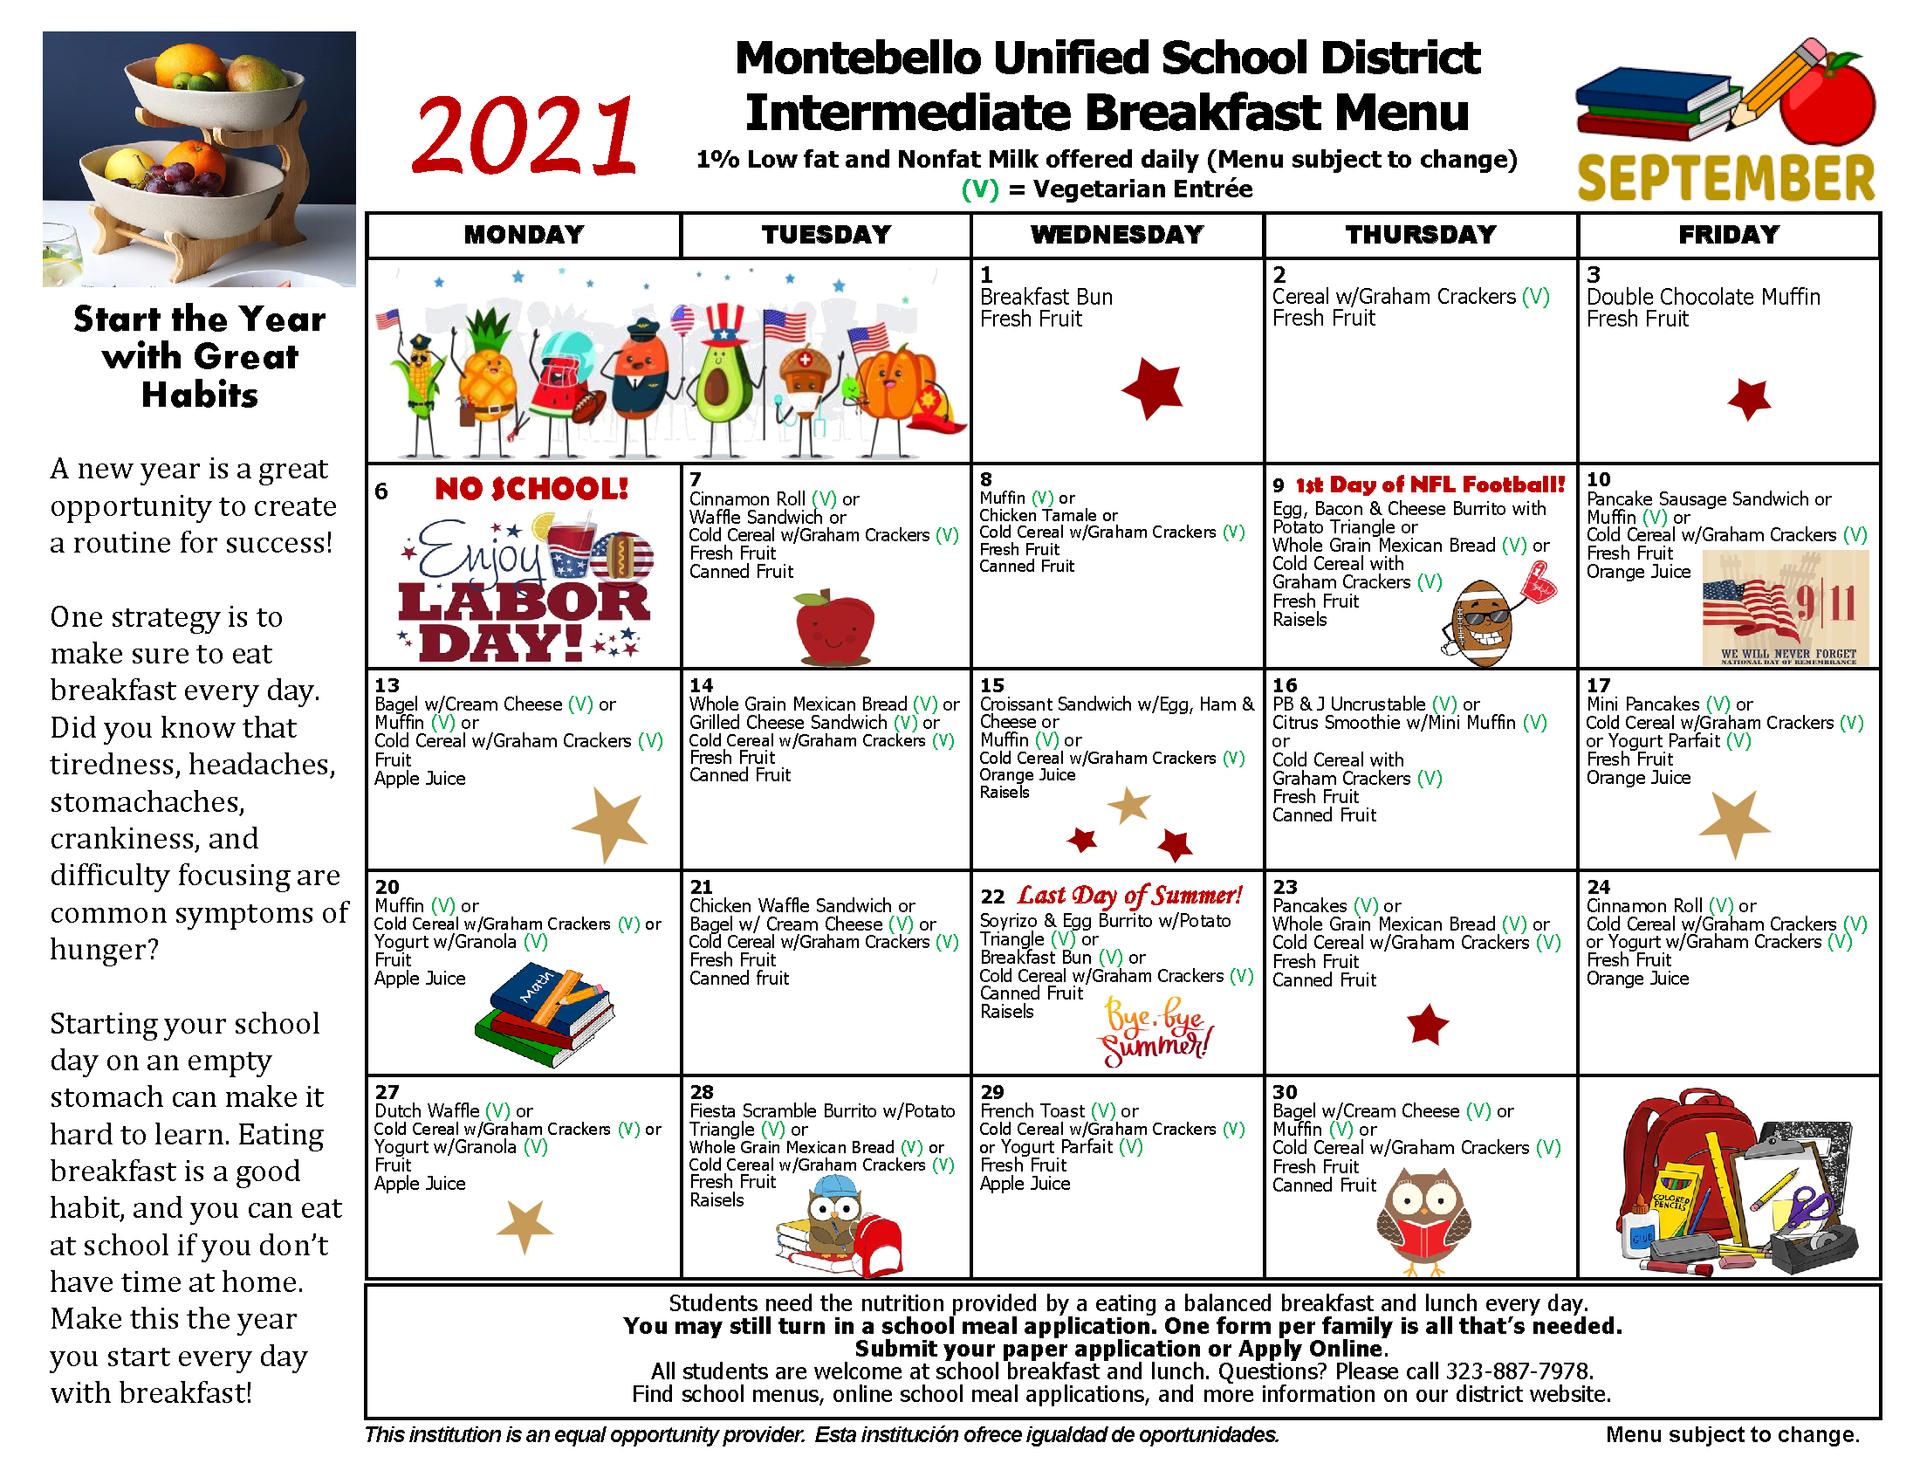 Intermediate Breakfast Menu September 2021